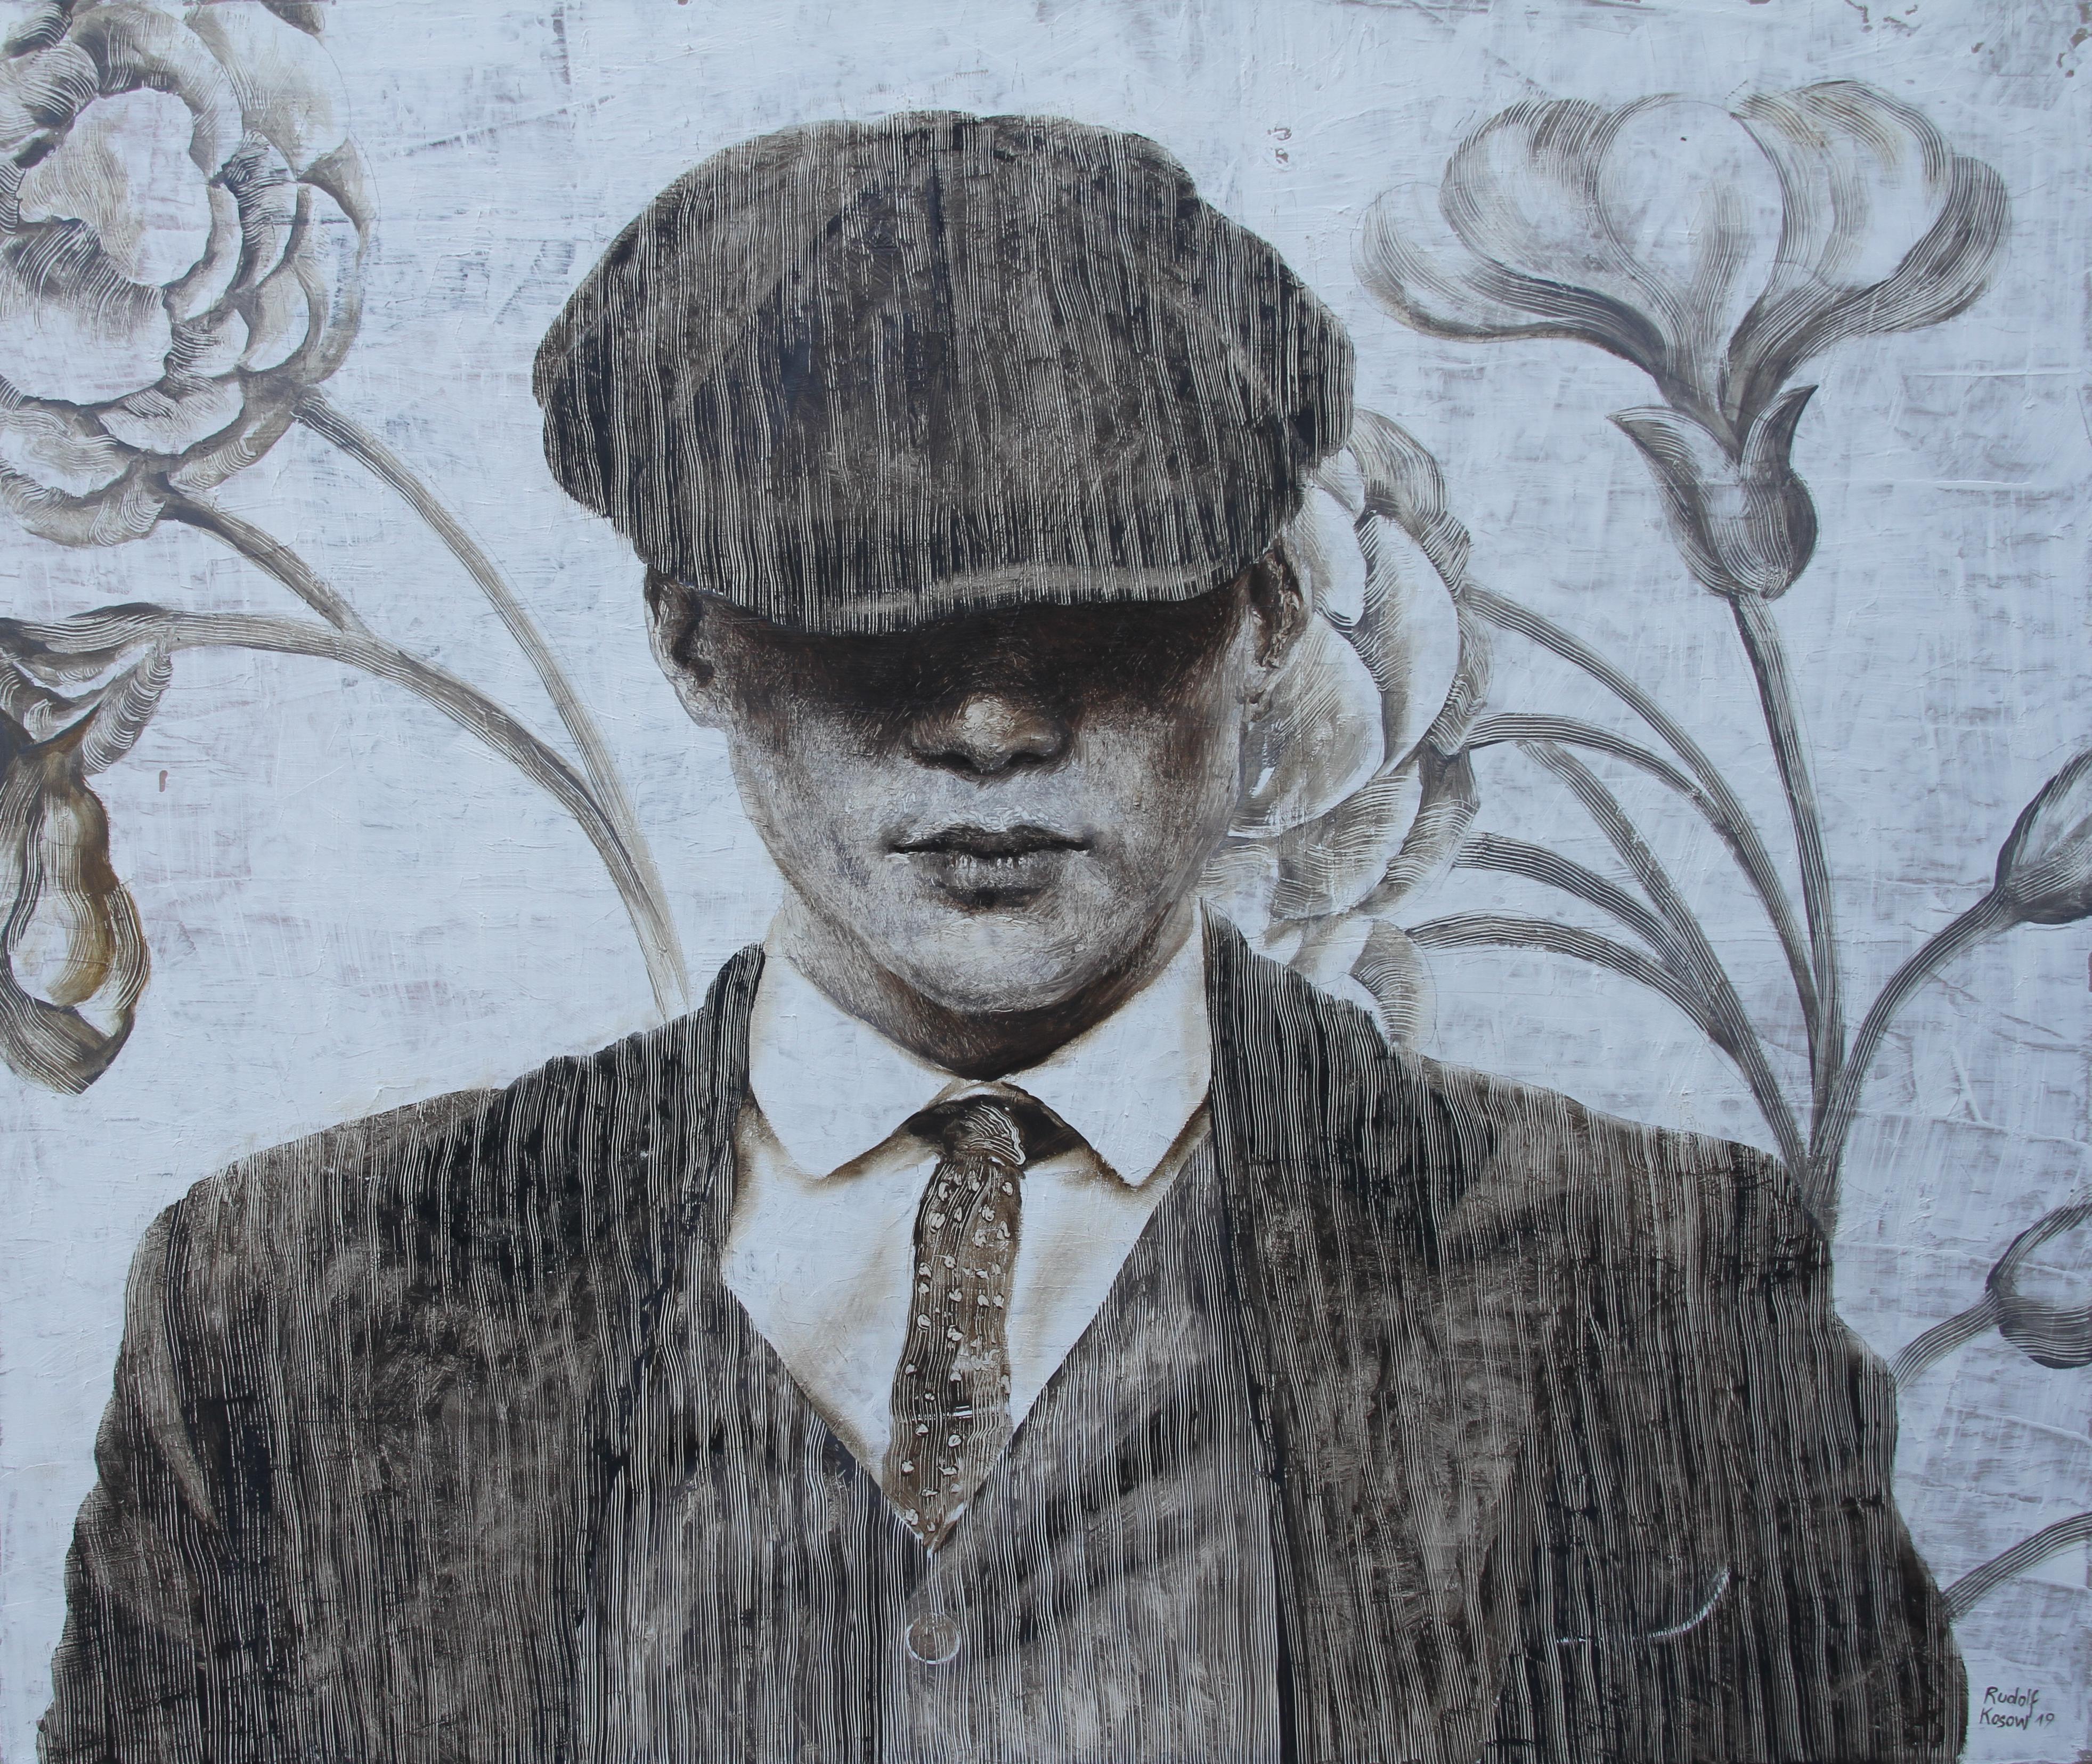 Mr. J. W  (oil painting monochrome vintage art man hat portrait faded neutrals)